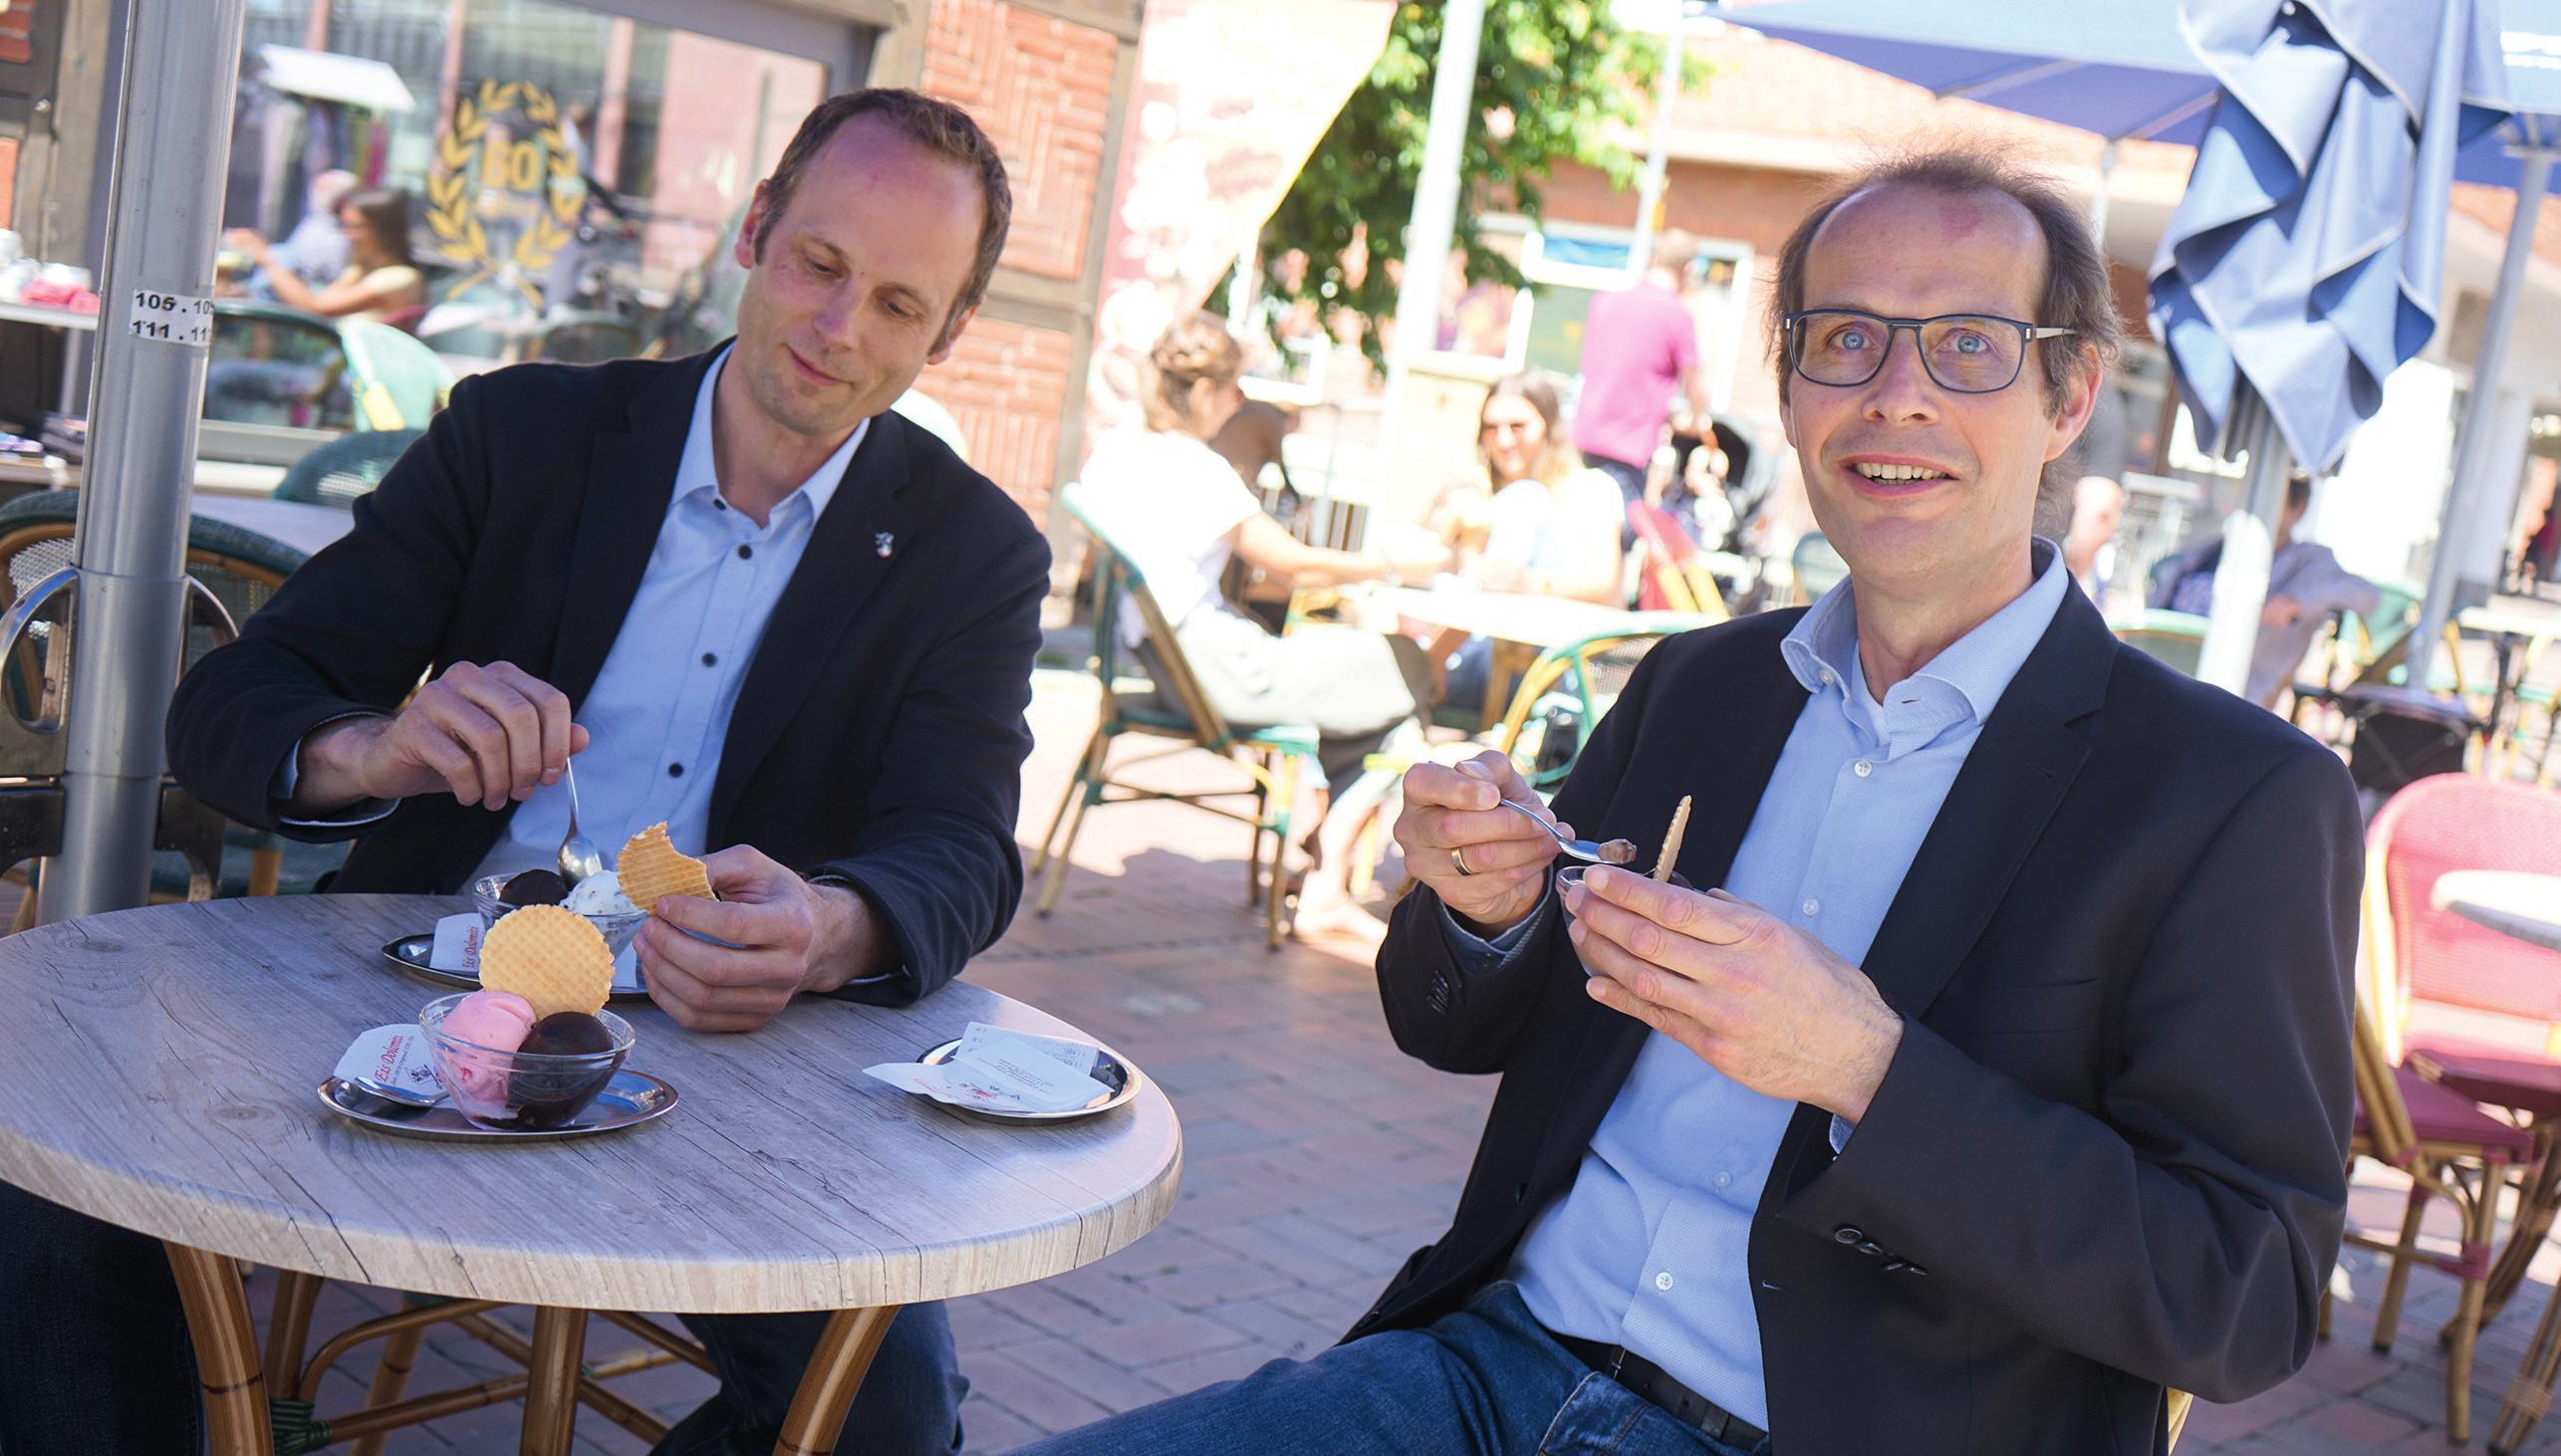 Udo von Ey (rechts) und Martin Ohlendorf blicken trotz Krise optimistisch in die Zukunft. Foto: Beate Ziehres